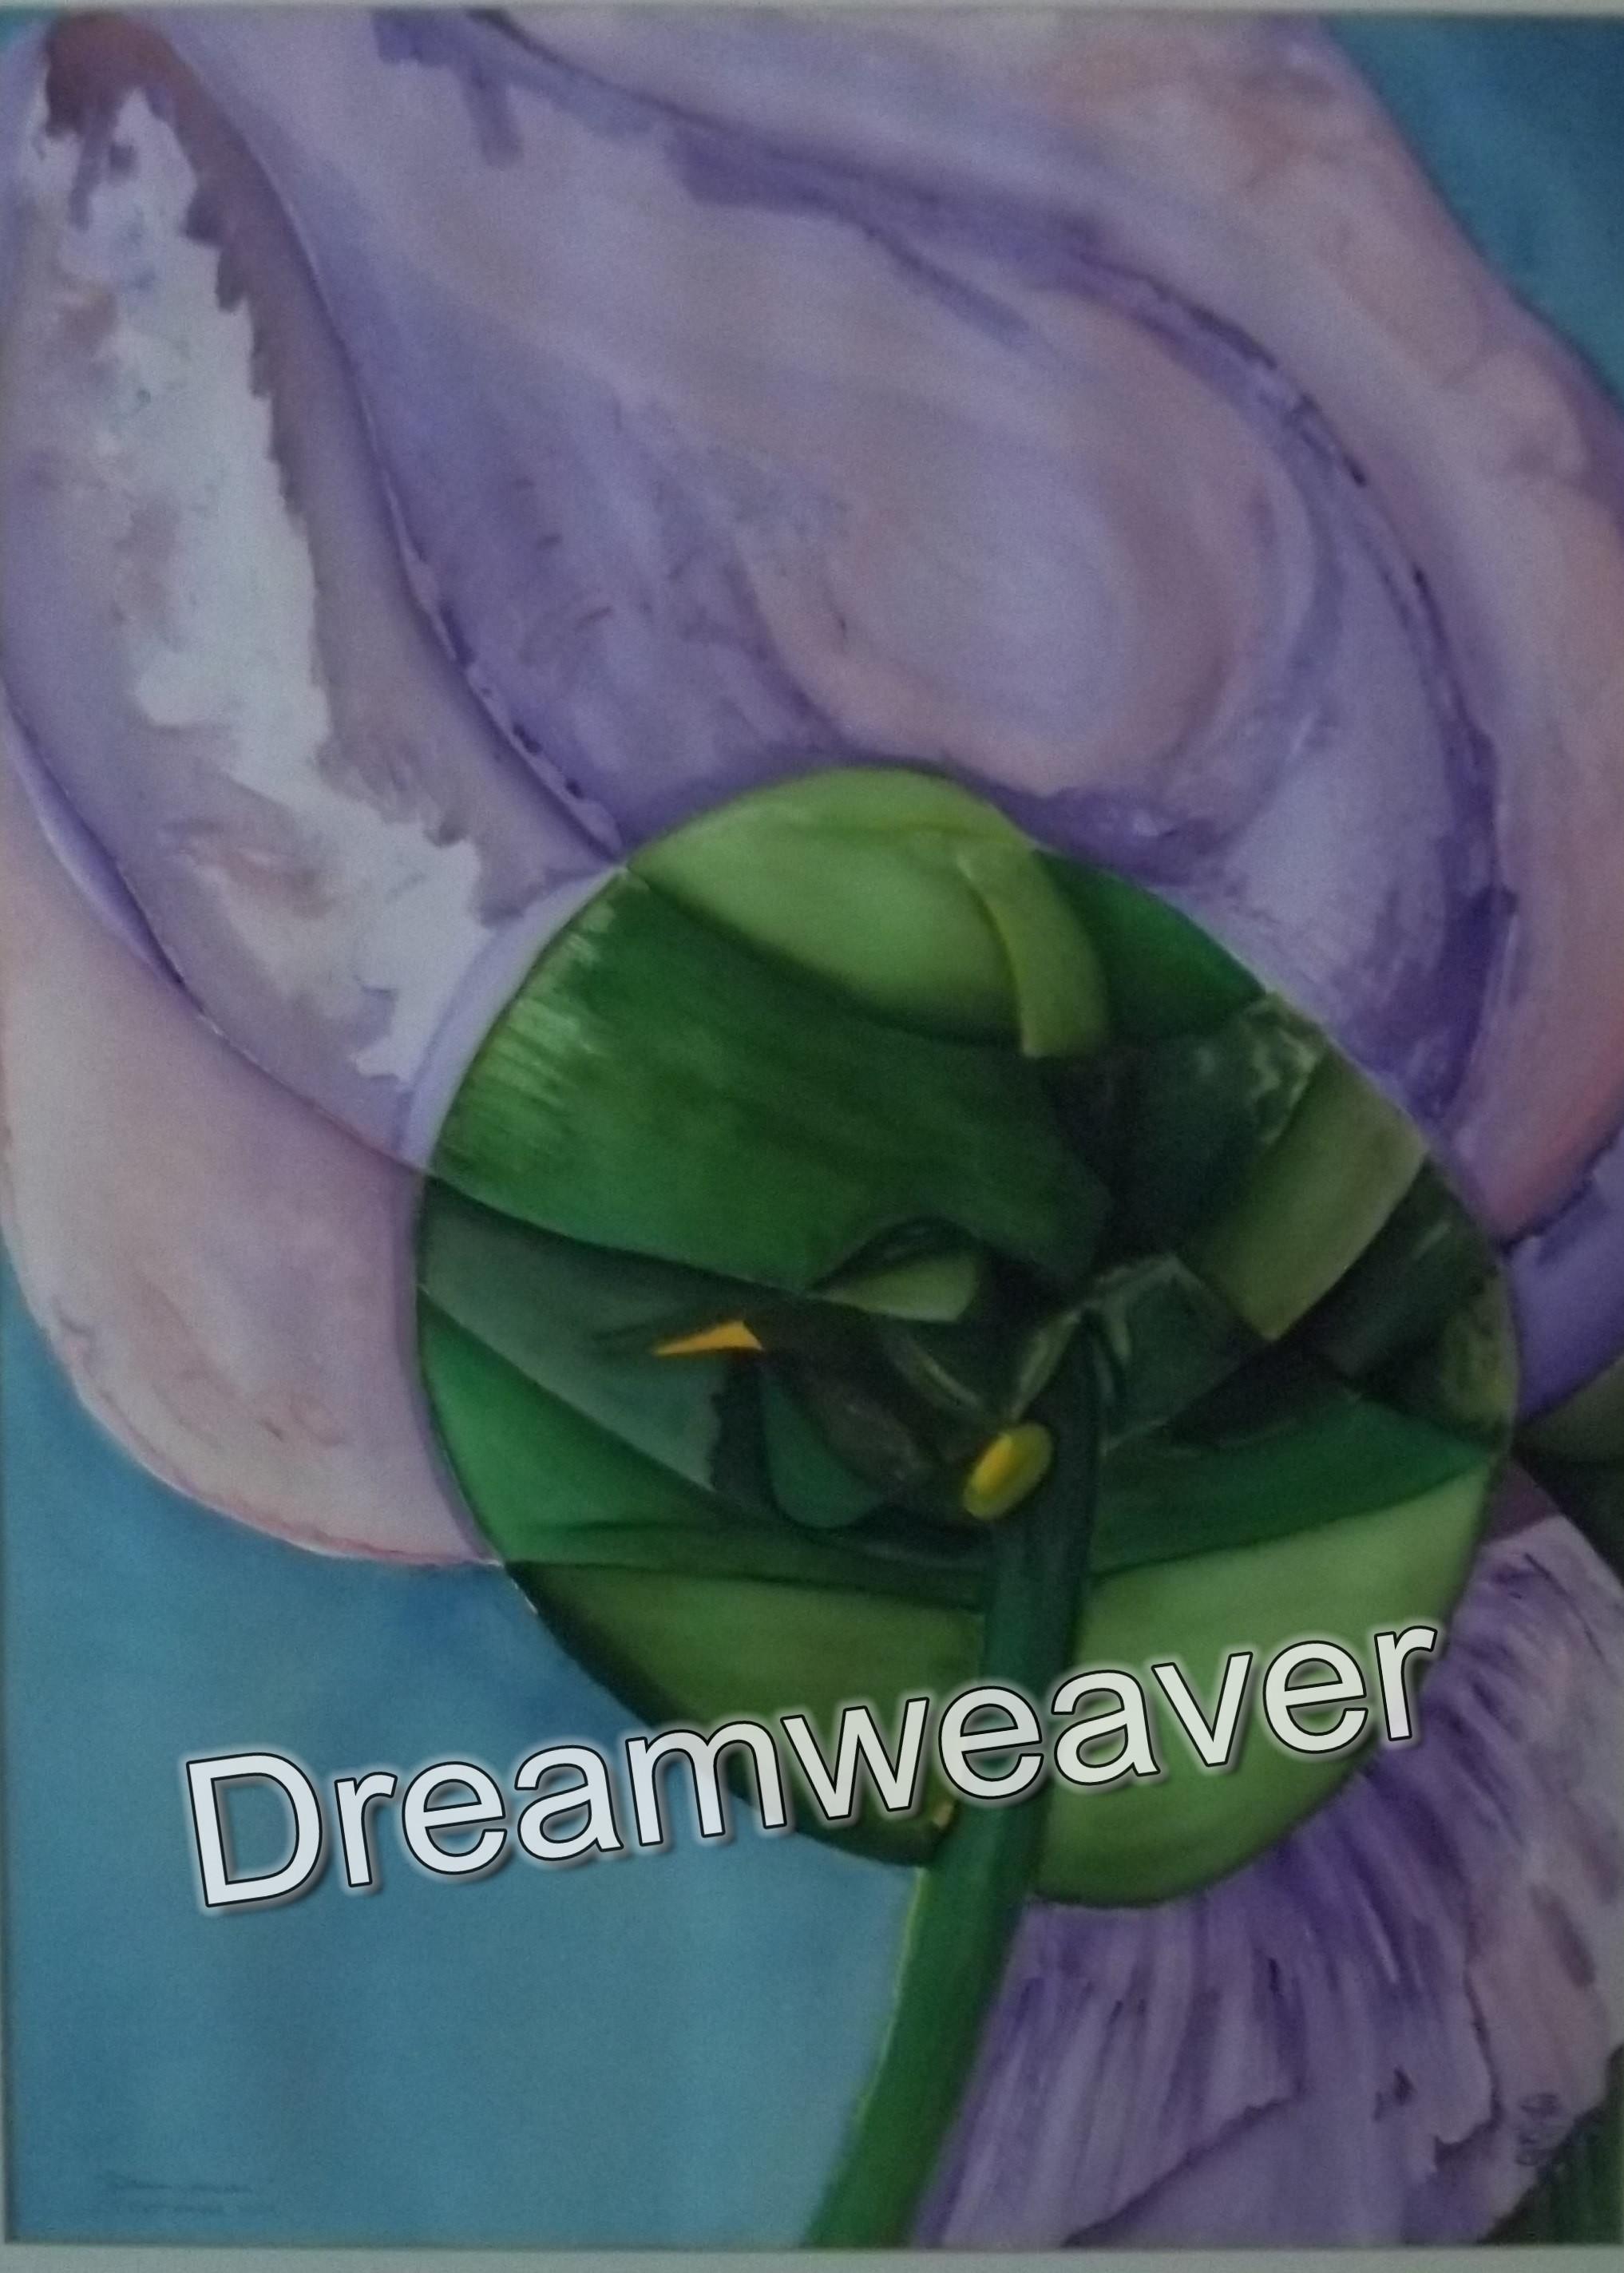 27 September 1999 By Dreamweaver